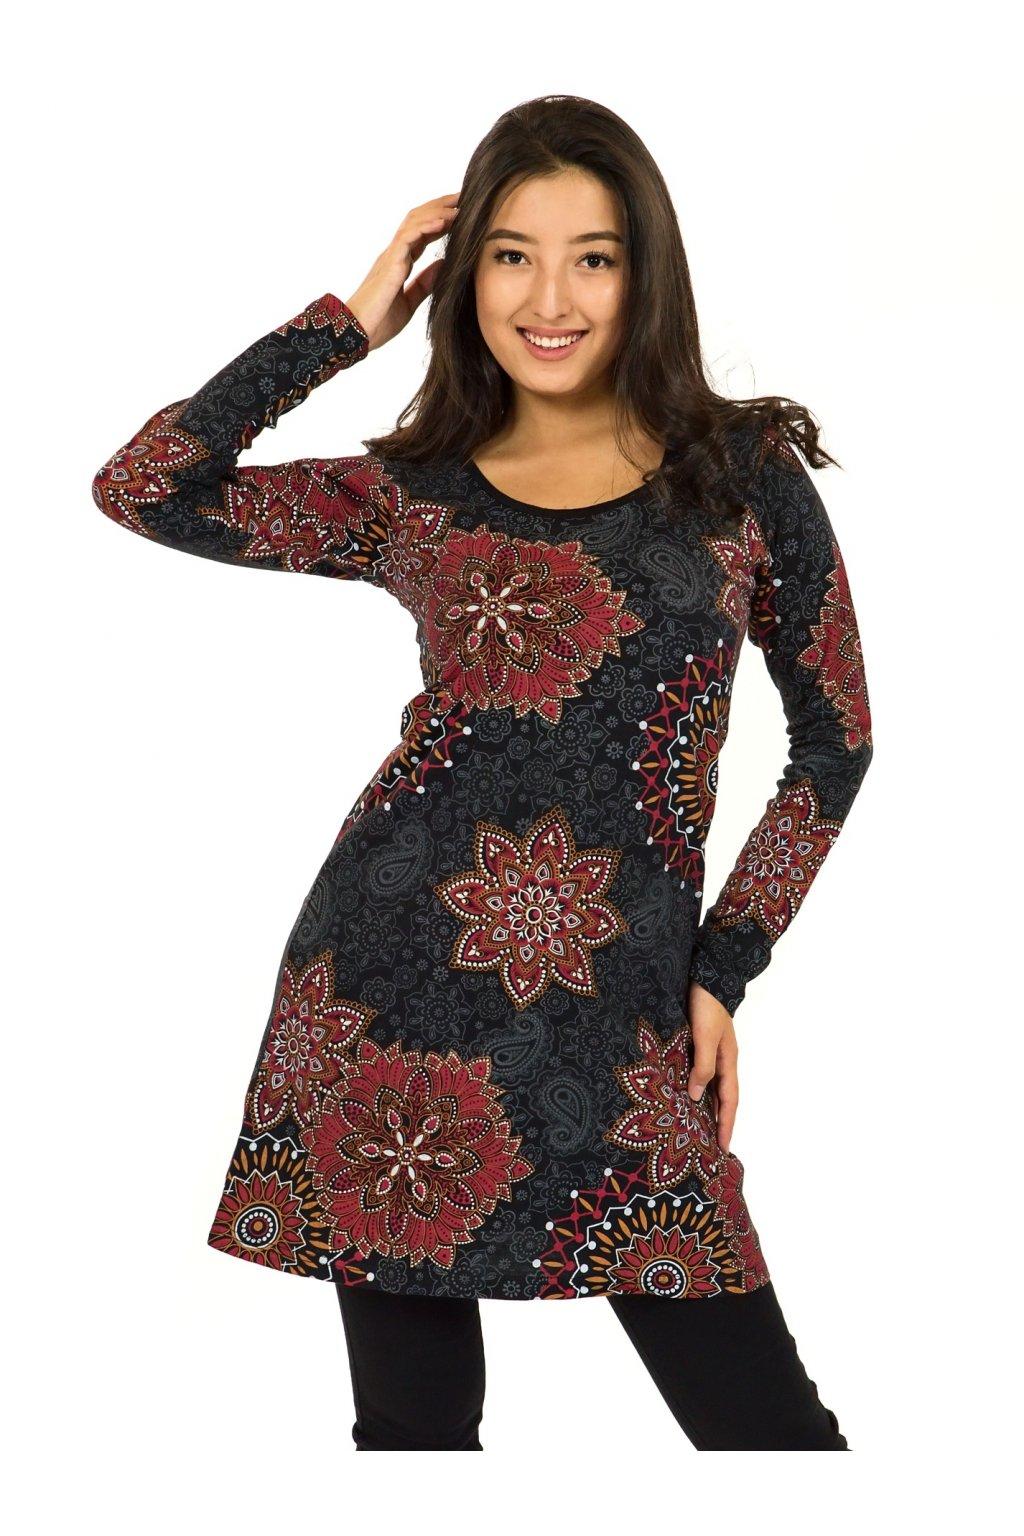 Šaty s dlouhým rukávem Sambora - černá s červenou